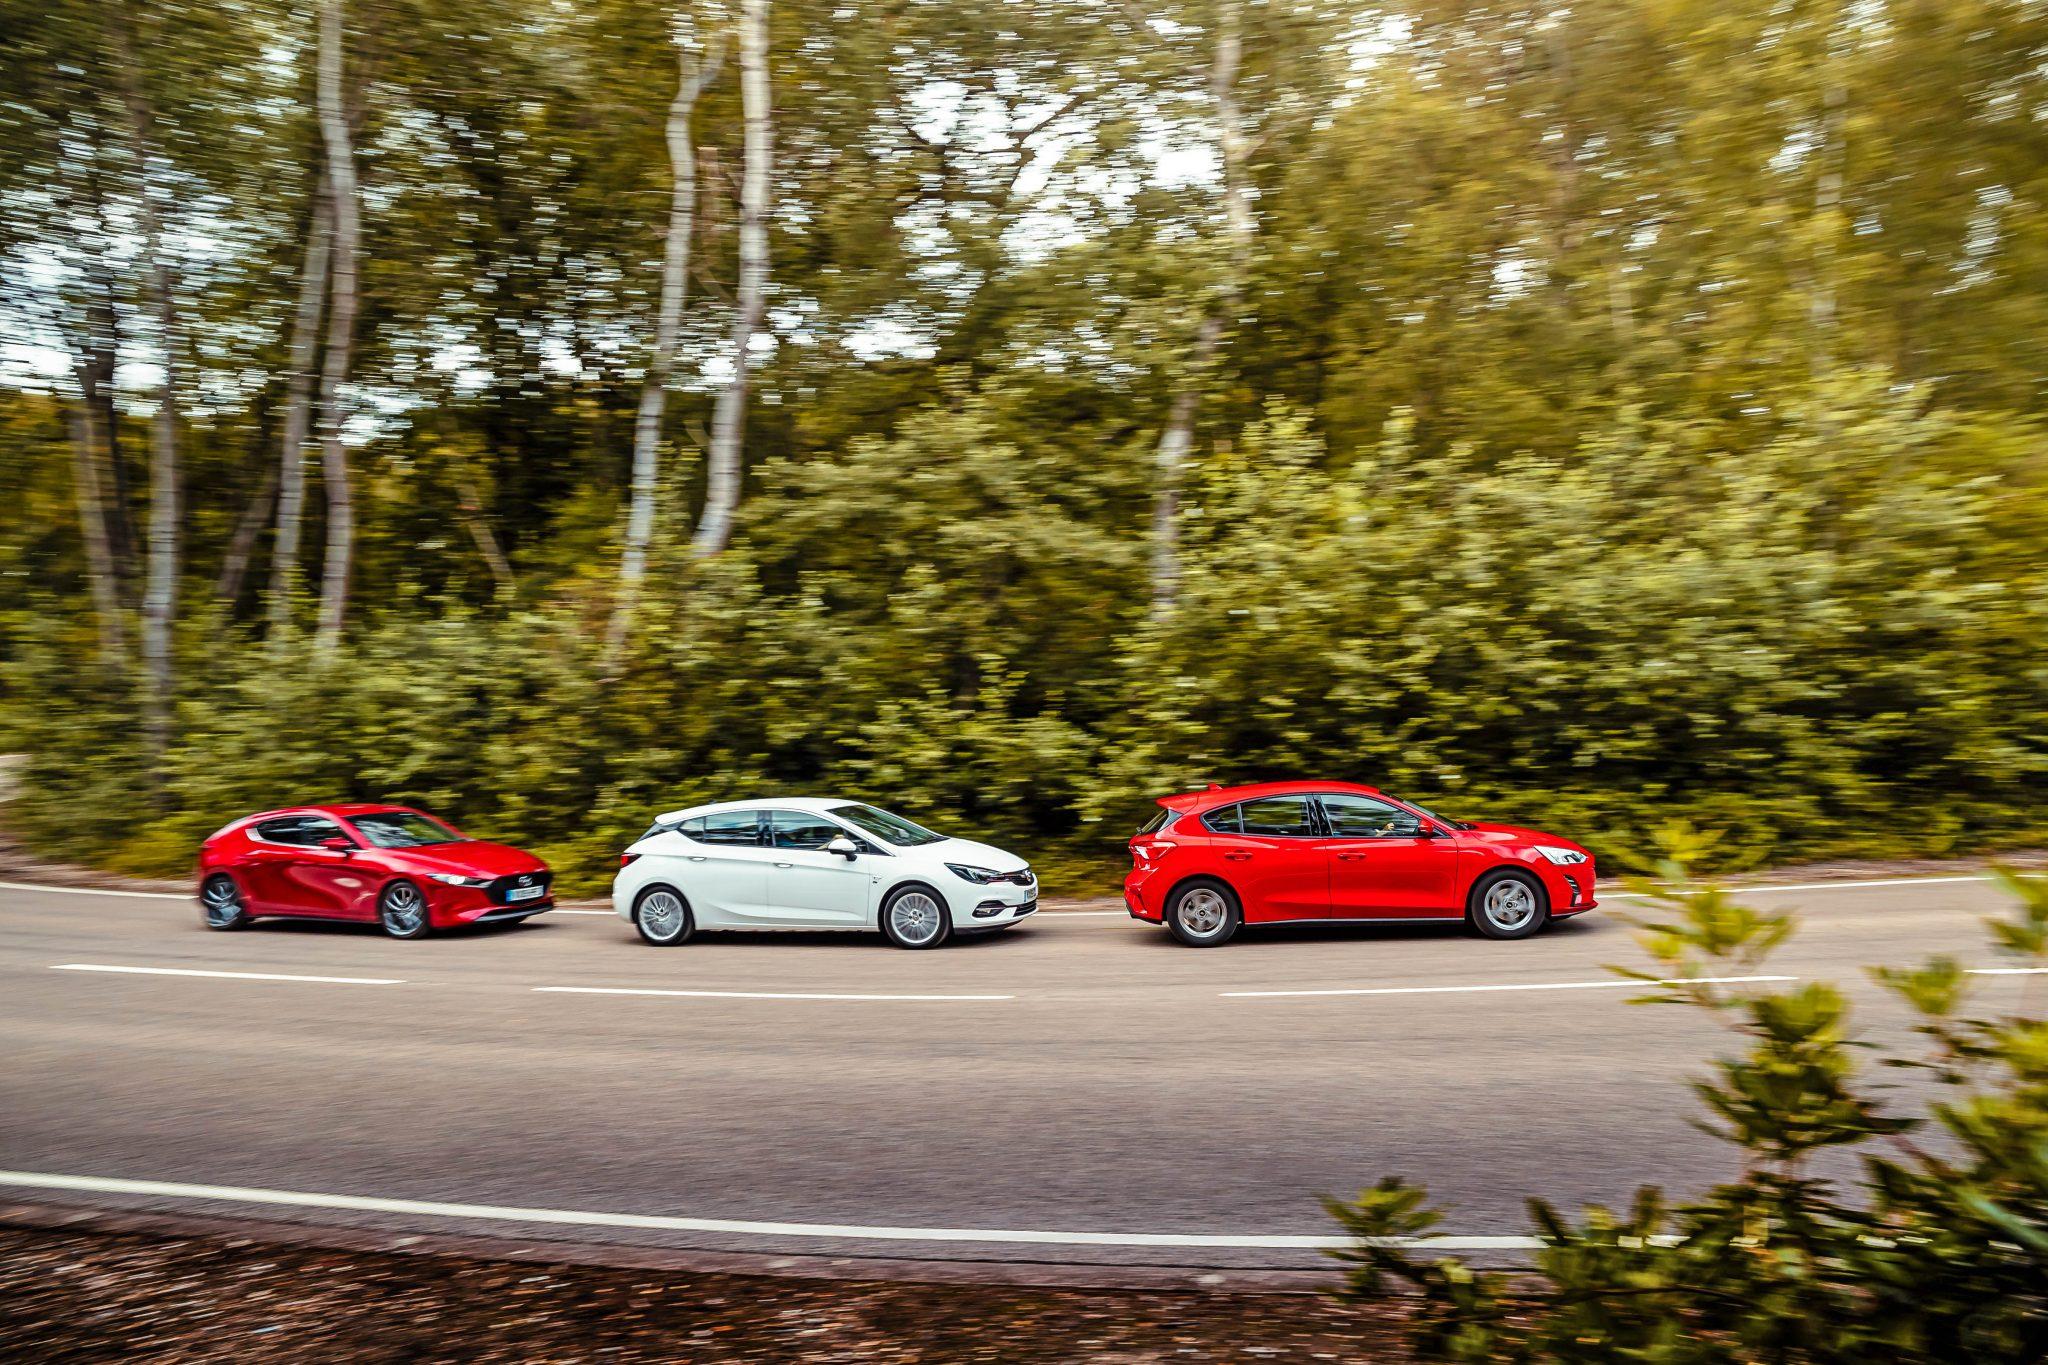 Ford Focus vs Mazda 3 vs Opel Astra